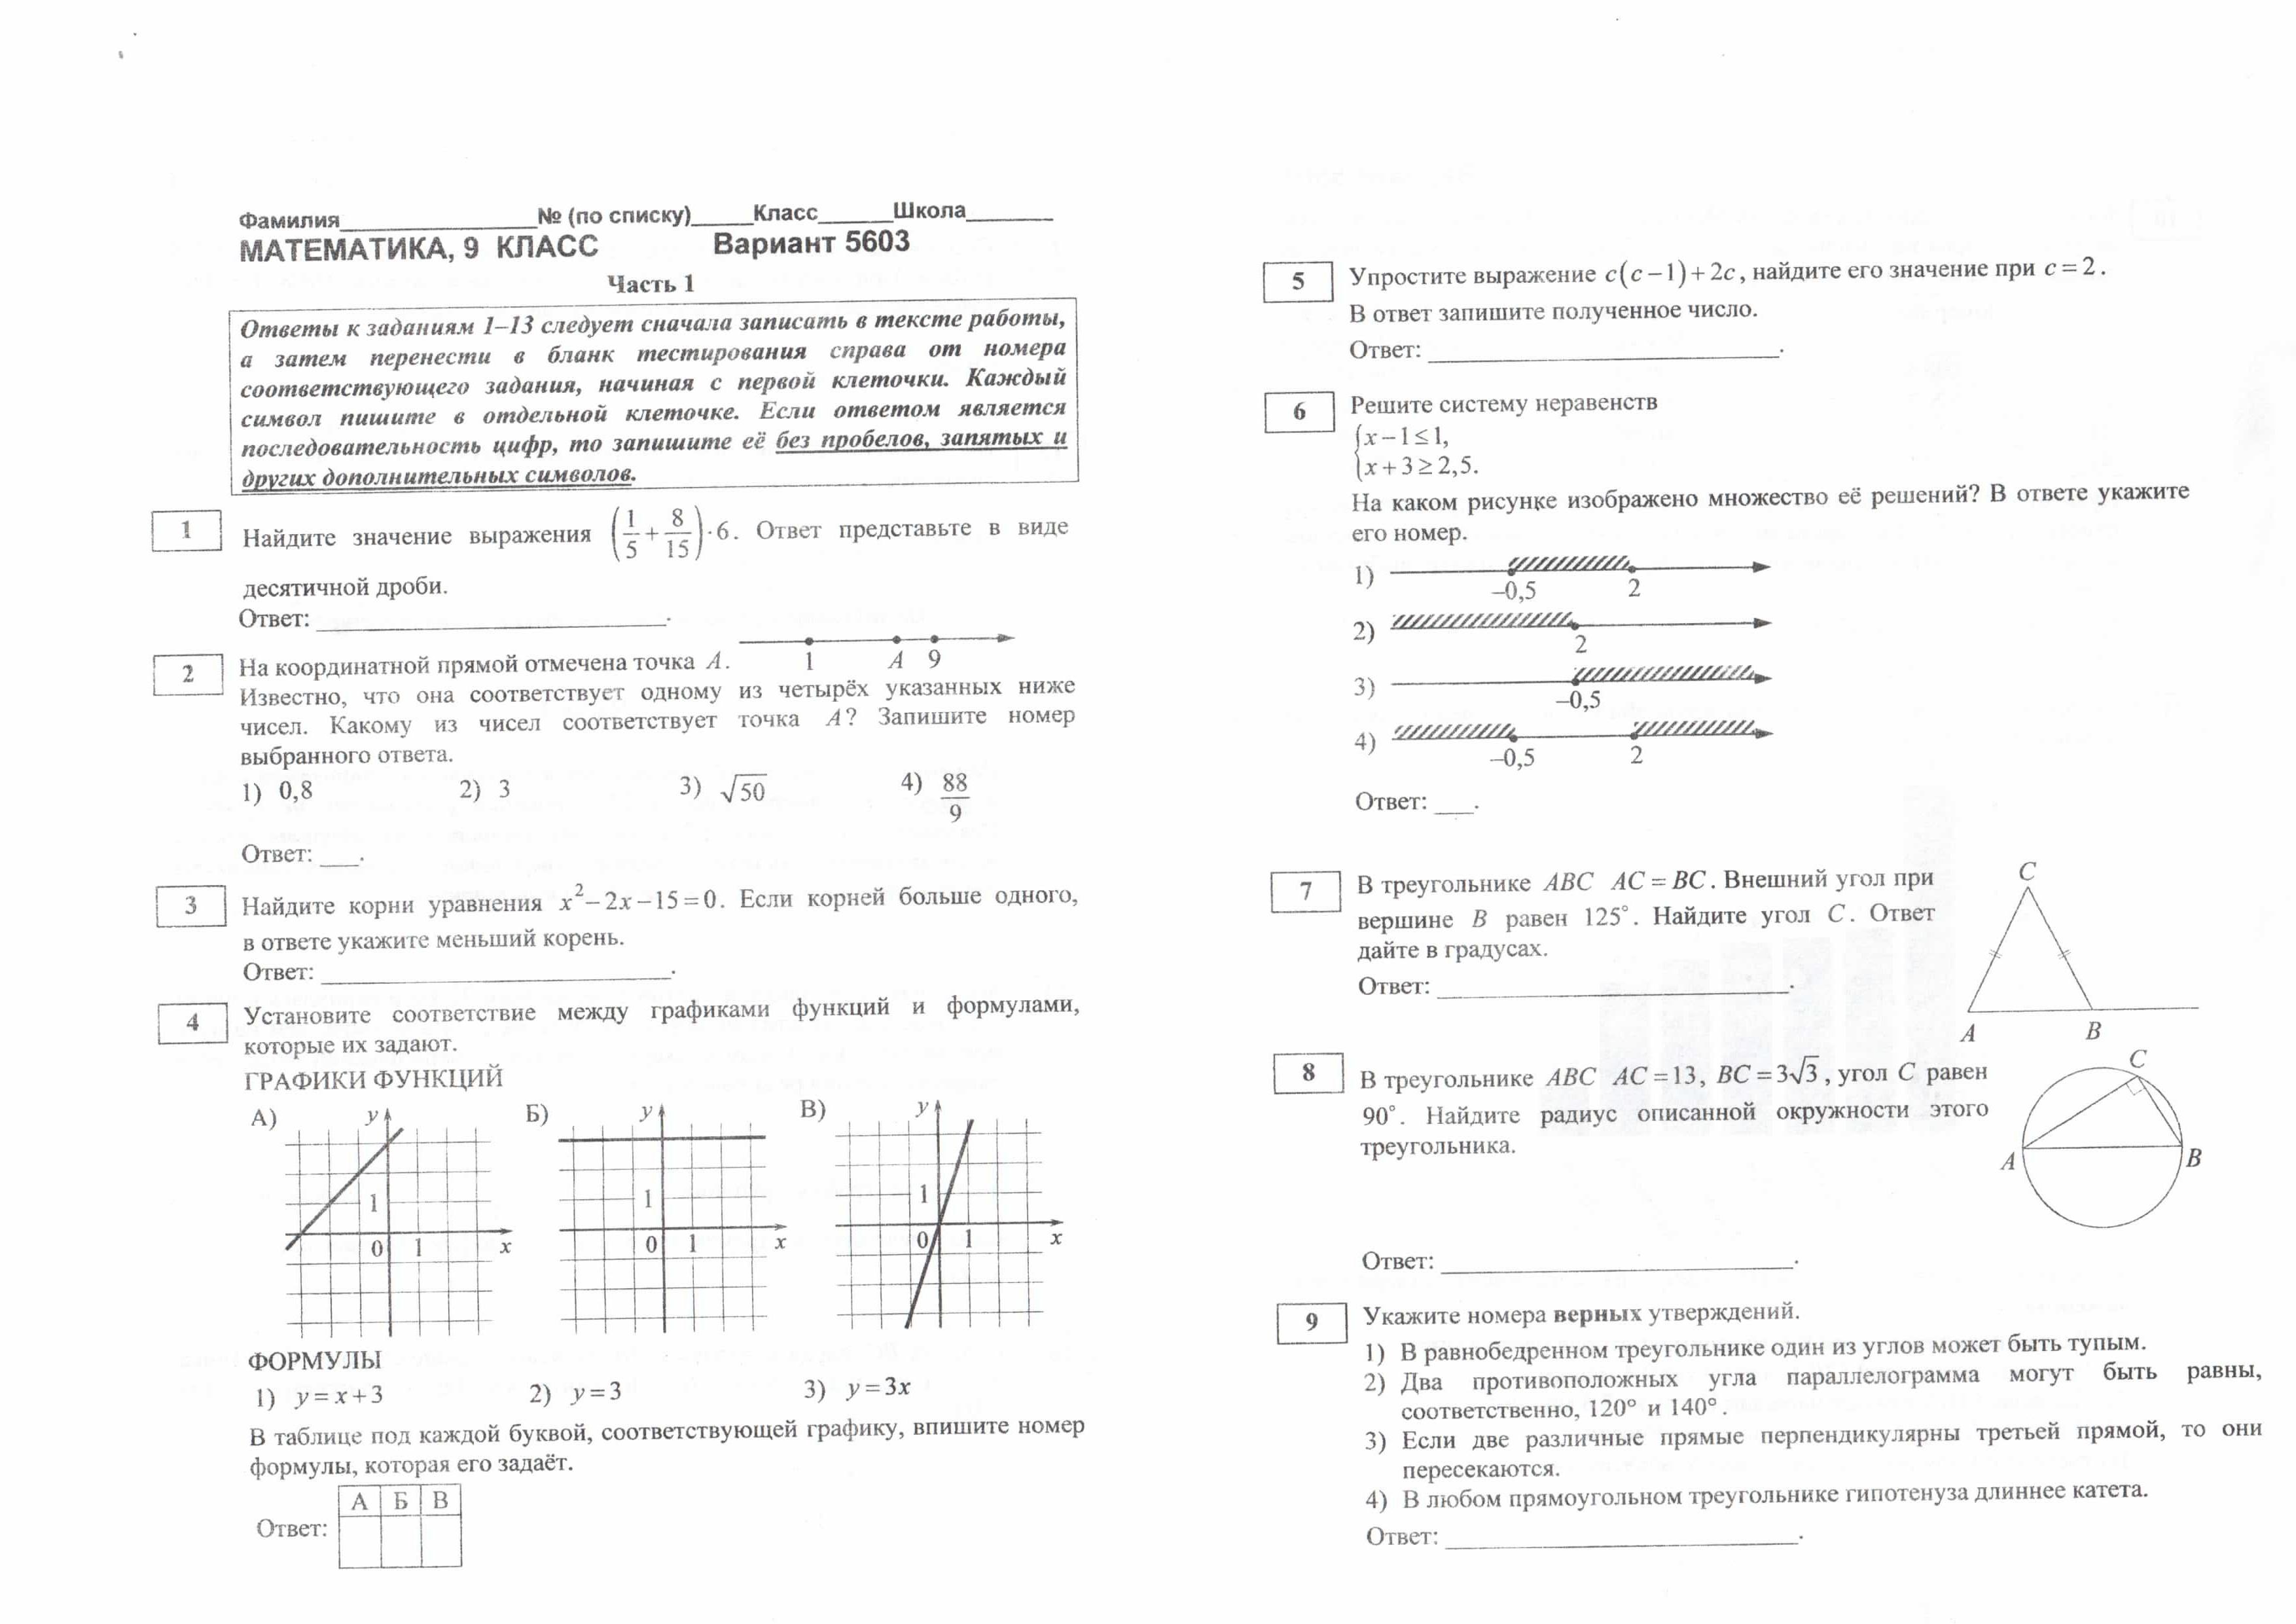 Ответы муниципального этапа олимпиады по биологии 2017-2017 год матрица ответов 10 класс